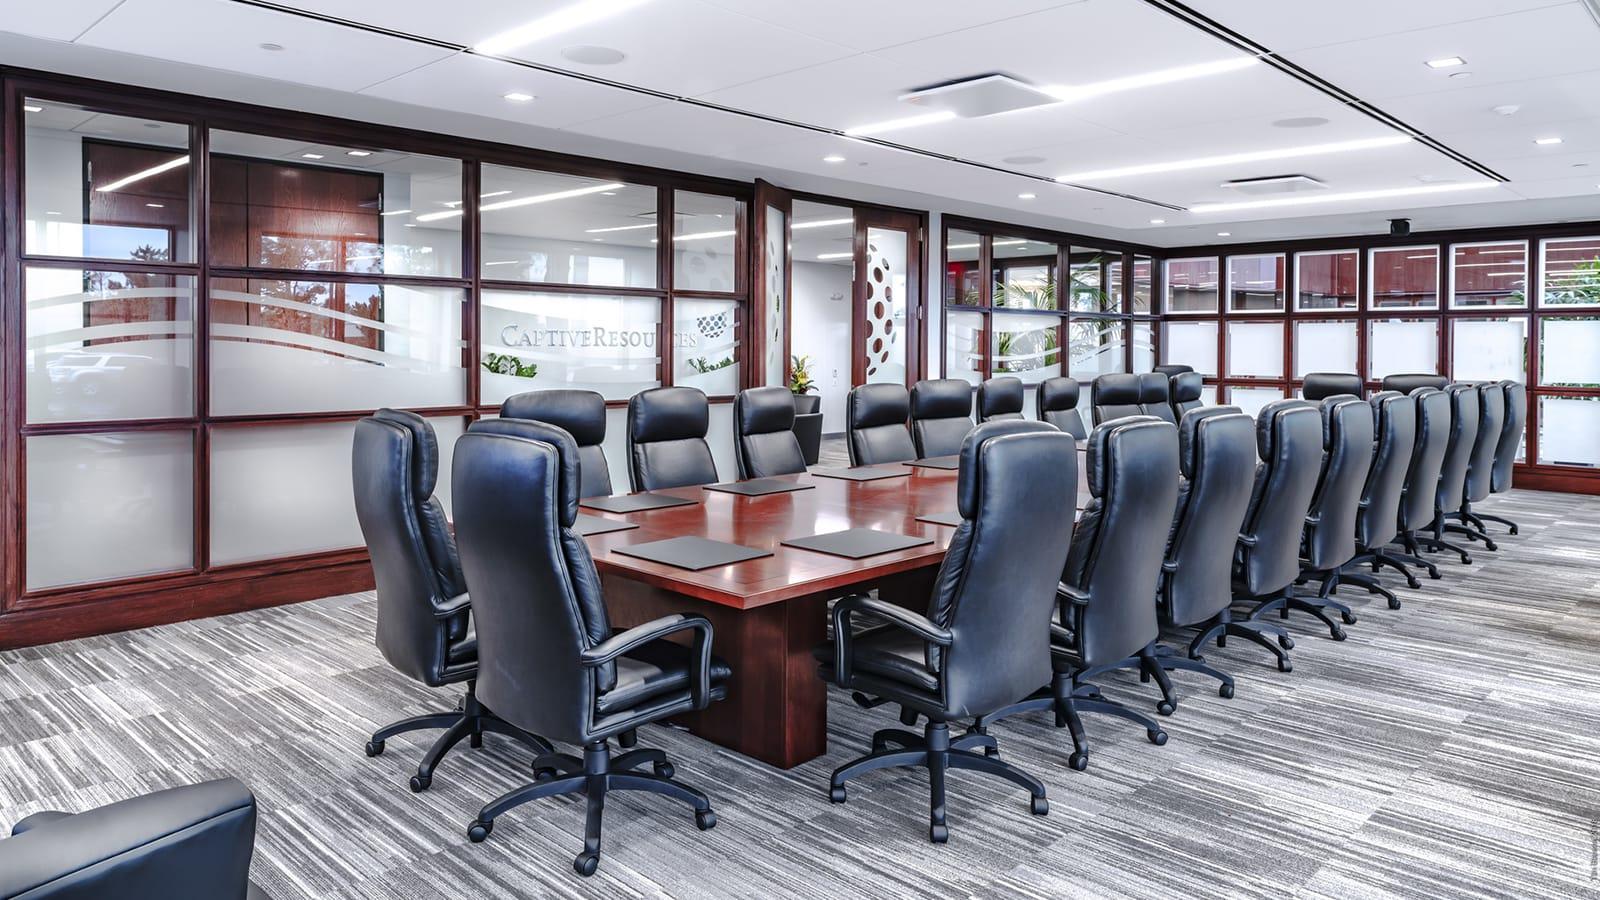 Captive Resources Boardroom